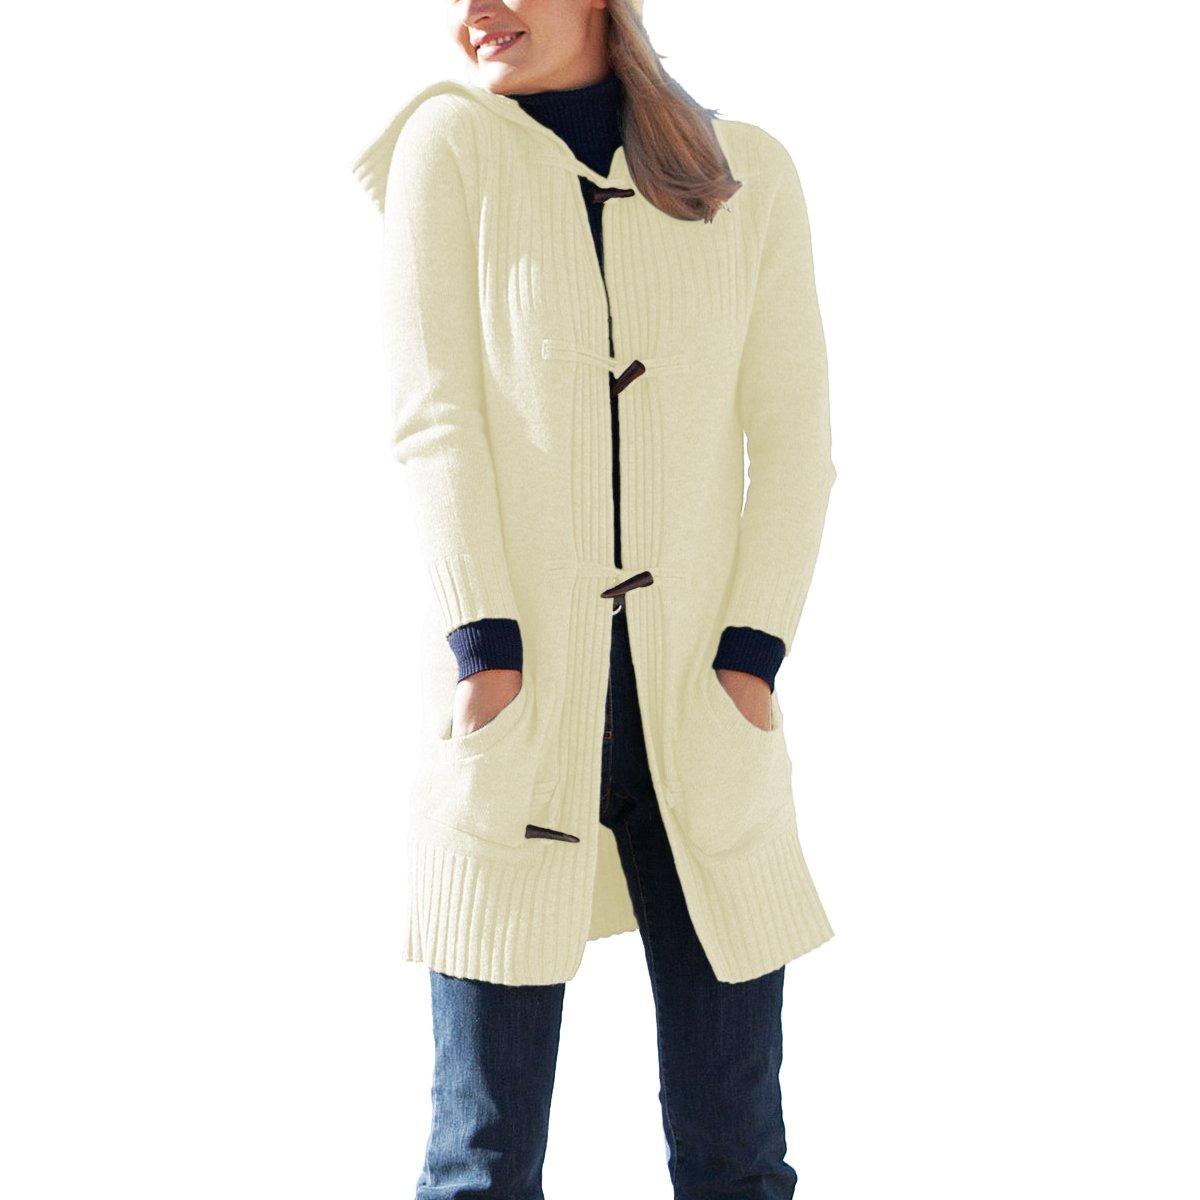 Parisbonbon Women's 100% Cashmere Hooded Cardigan Color Ivory Size S